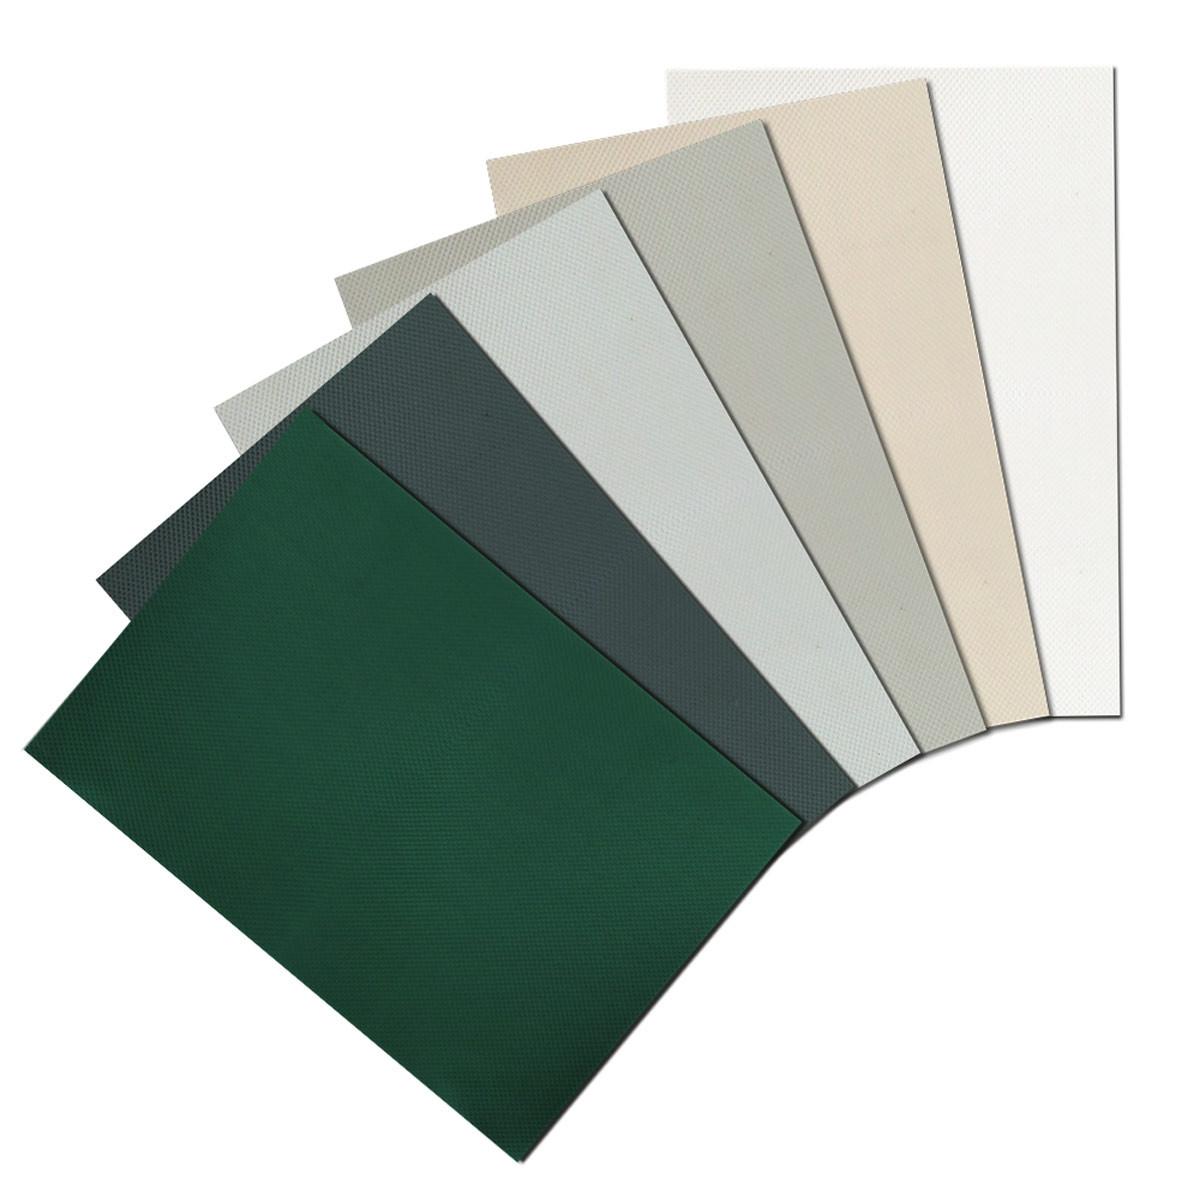 M-tec Profi-line® - Weich-PVC Musterzuschnitte Zaunstreifen